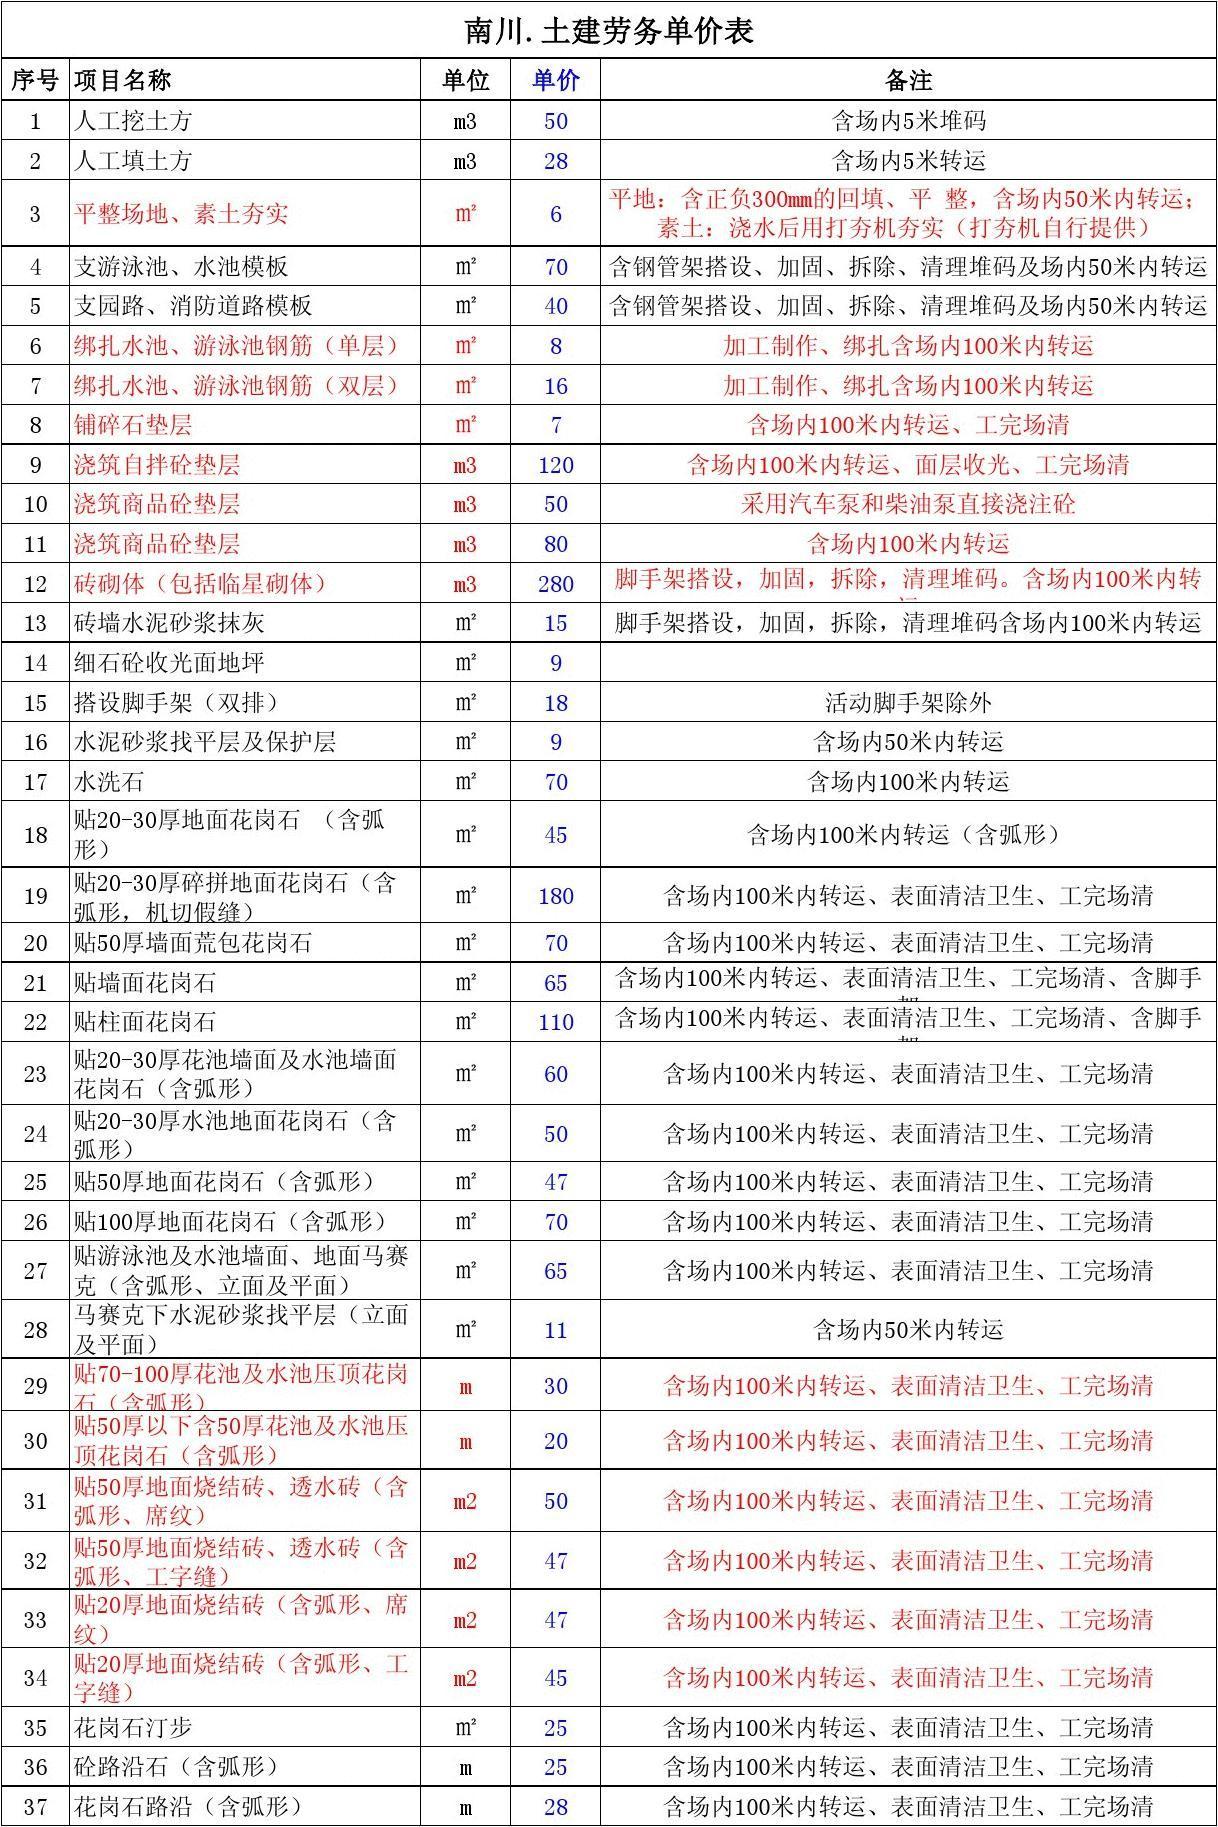 土建劳务单价表2013.08.13通用 (1)